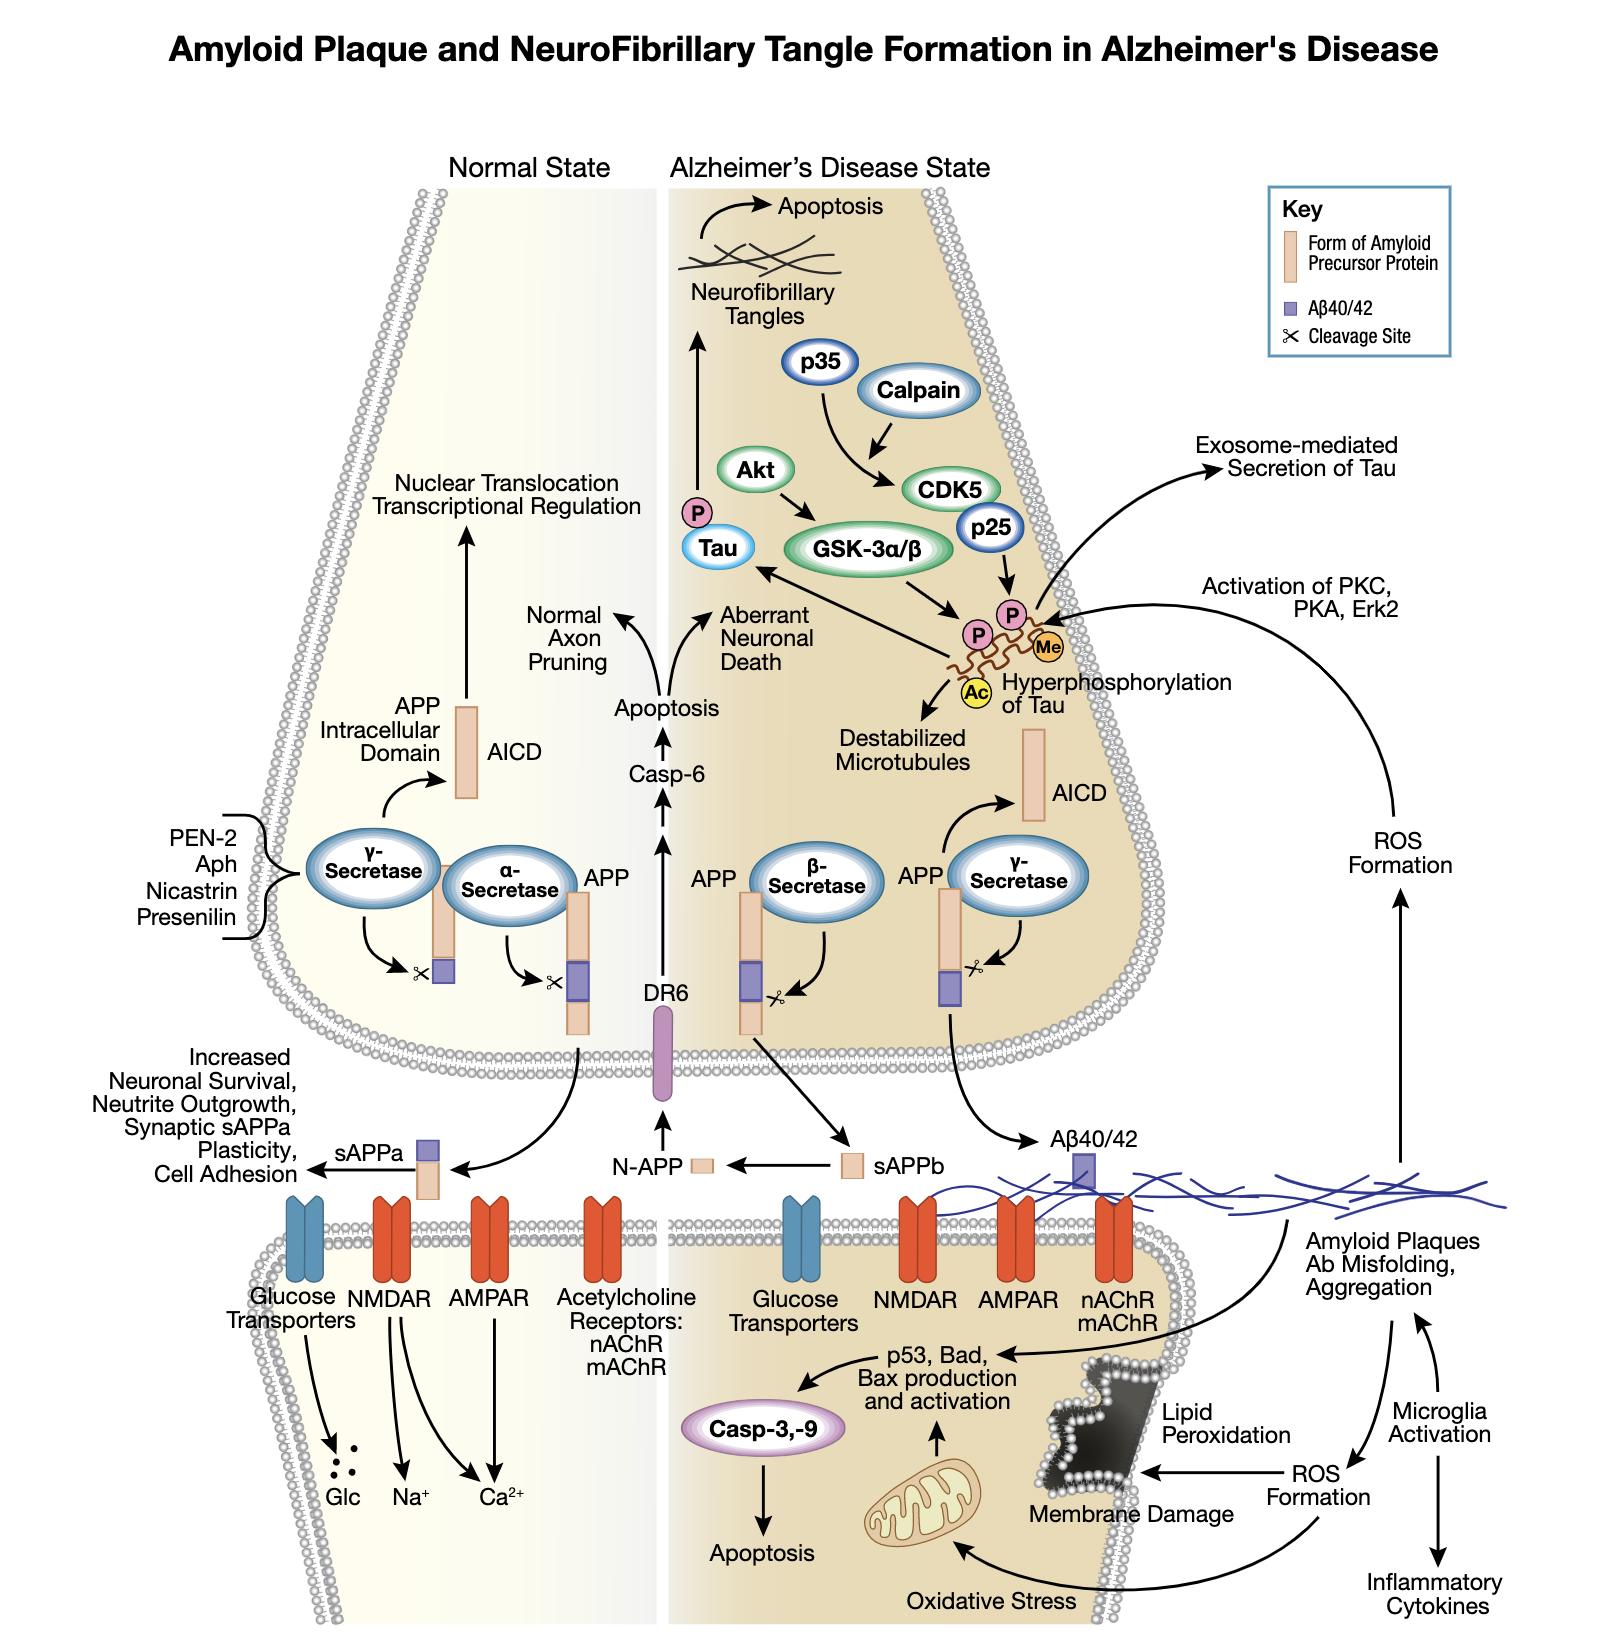 阿尔茨海默氏病的相互作用信号转导通路中的淀粉样蛋白斑块和神经原纤维缠结。